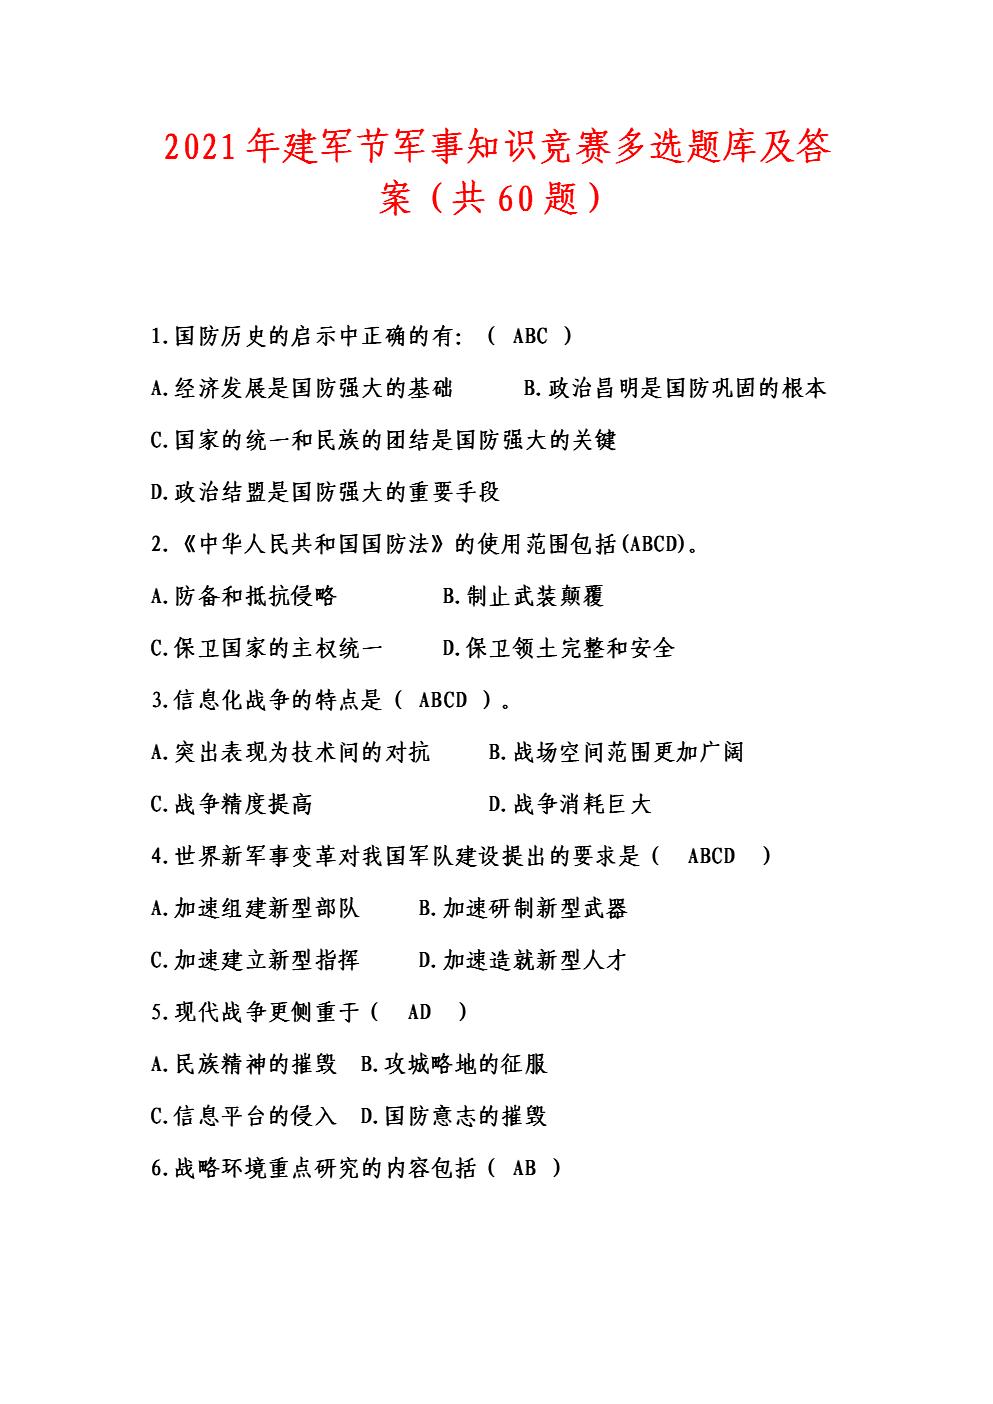 2021年建军节军事知识竞赛多选题库及答案(共60题).docx